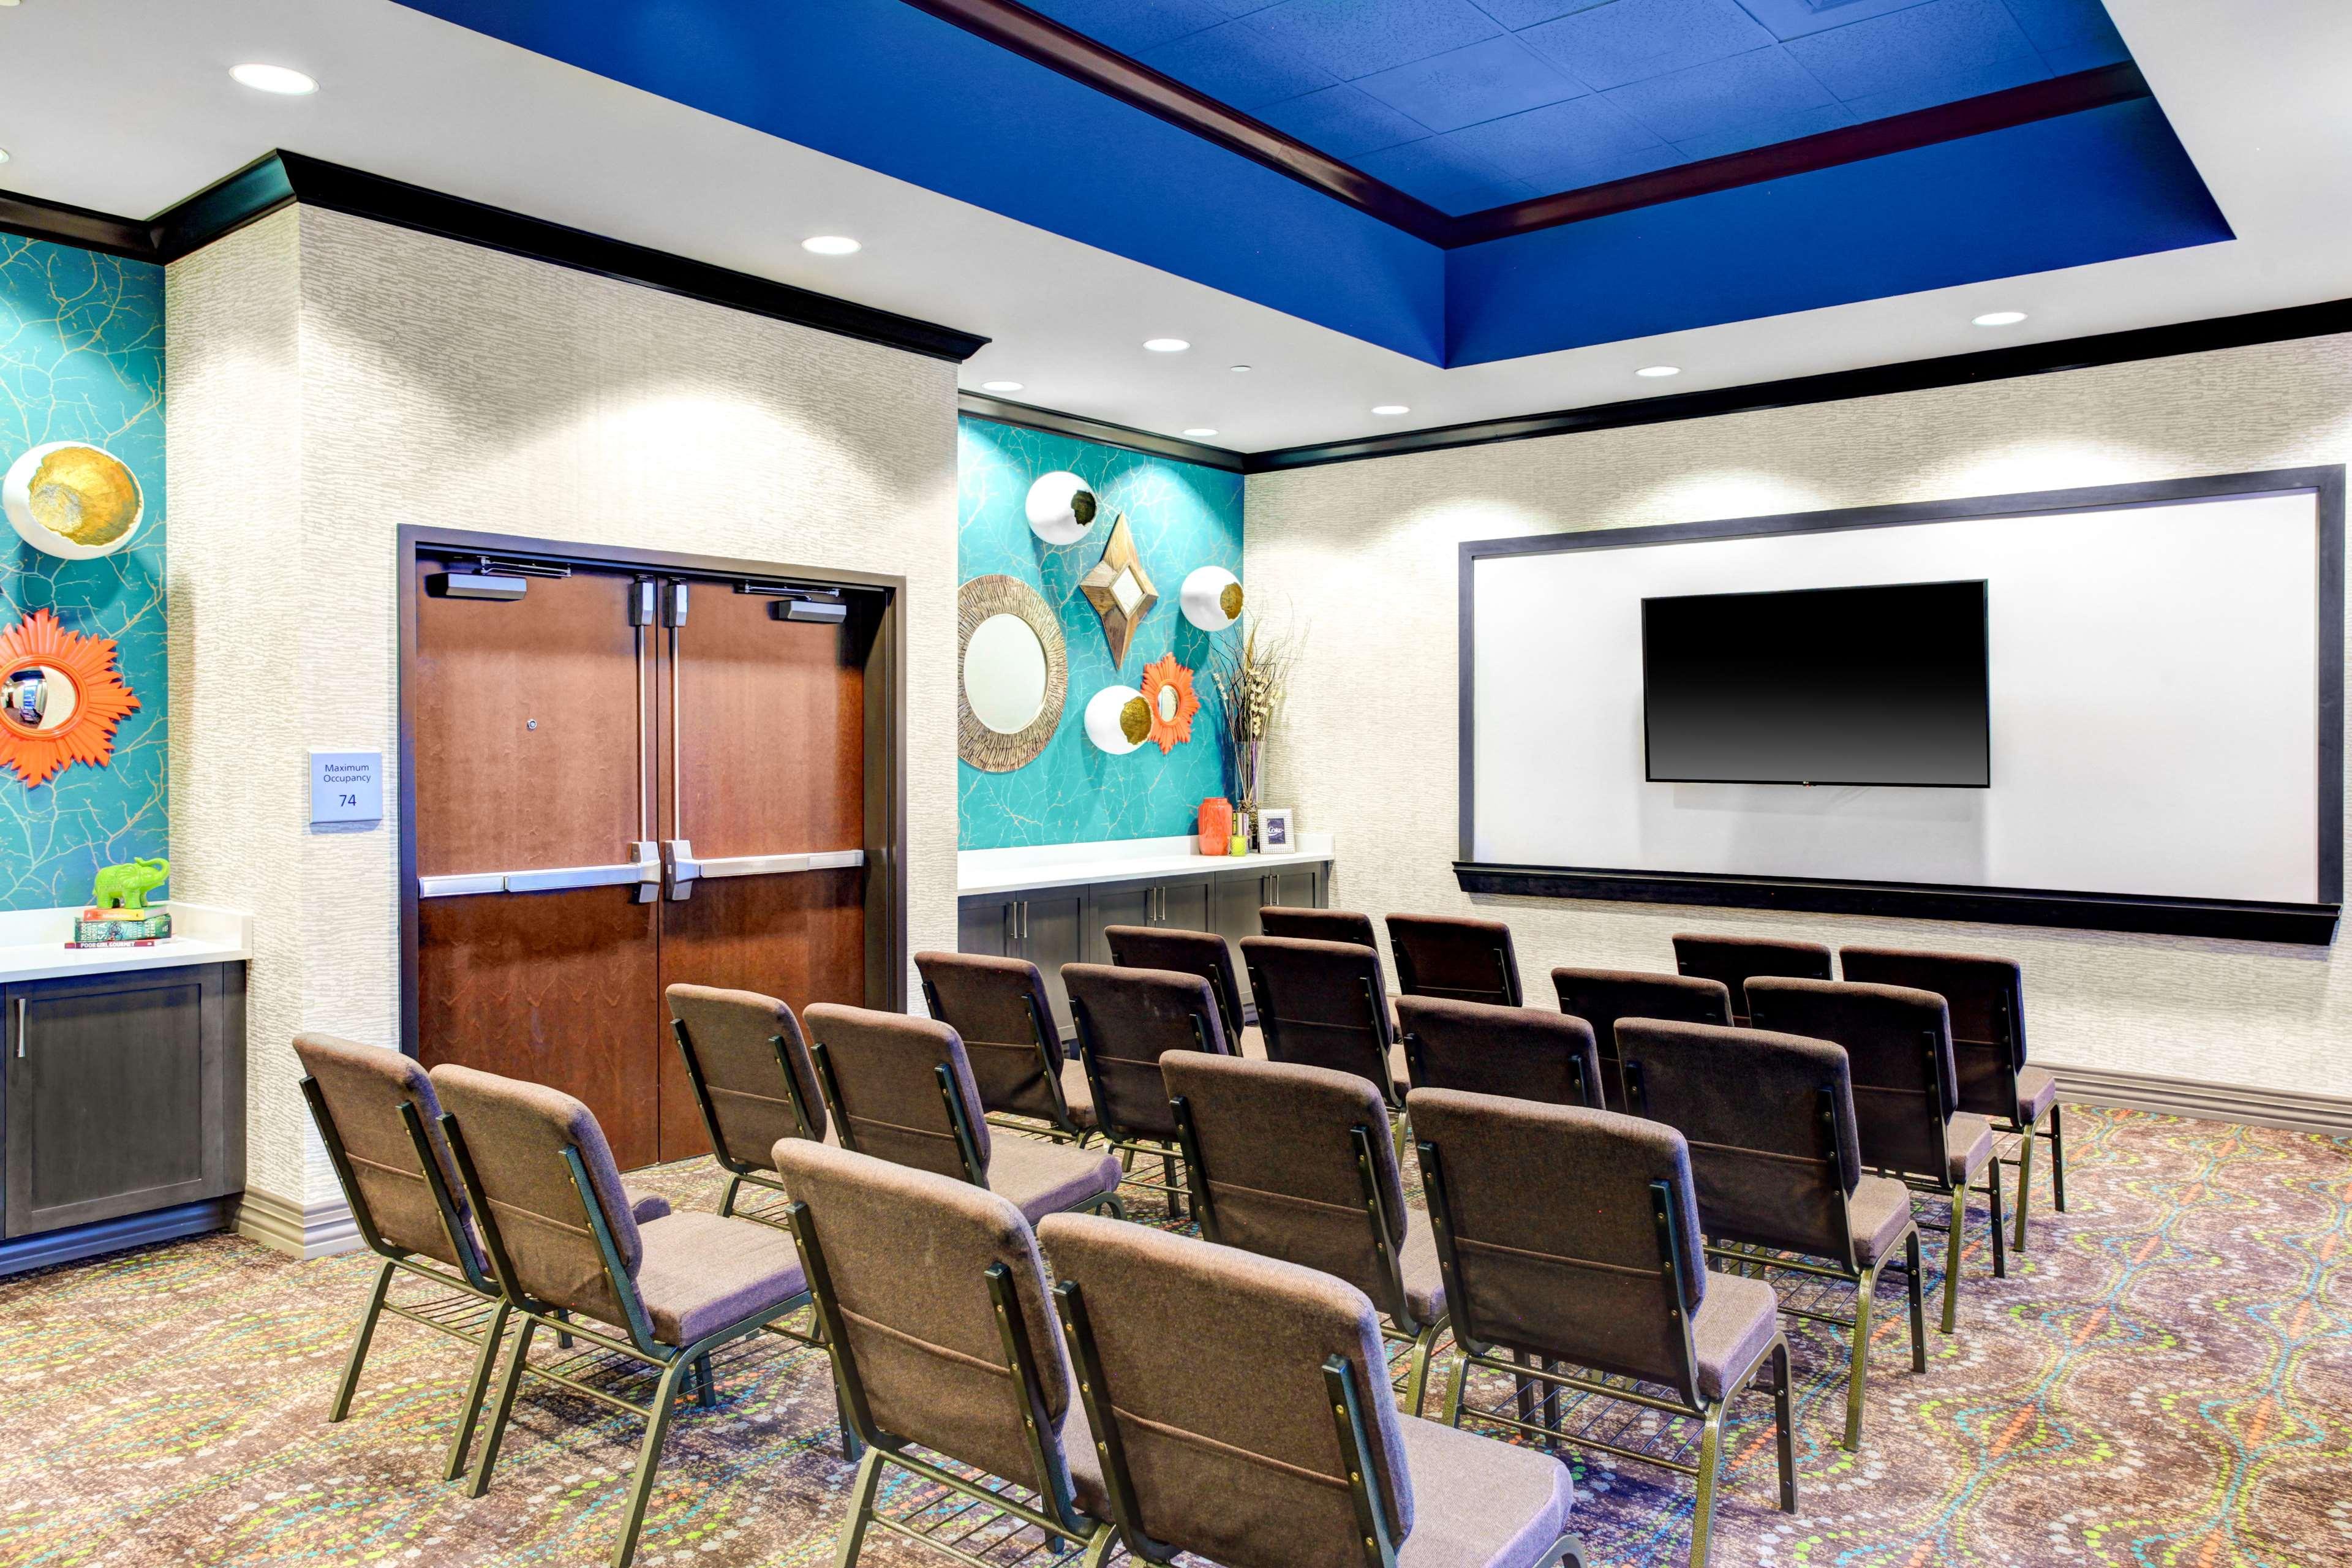 Hampton Inn & Suites by Hilton Atlanta Perimeter Dunwoody image 34